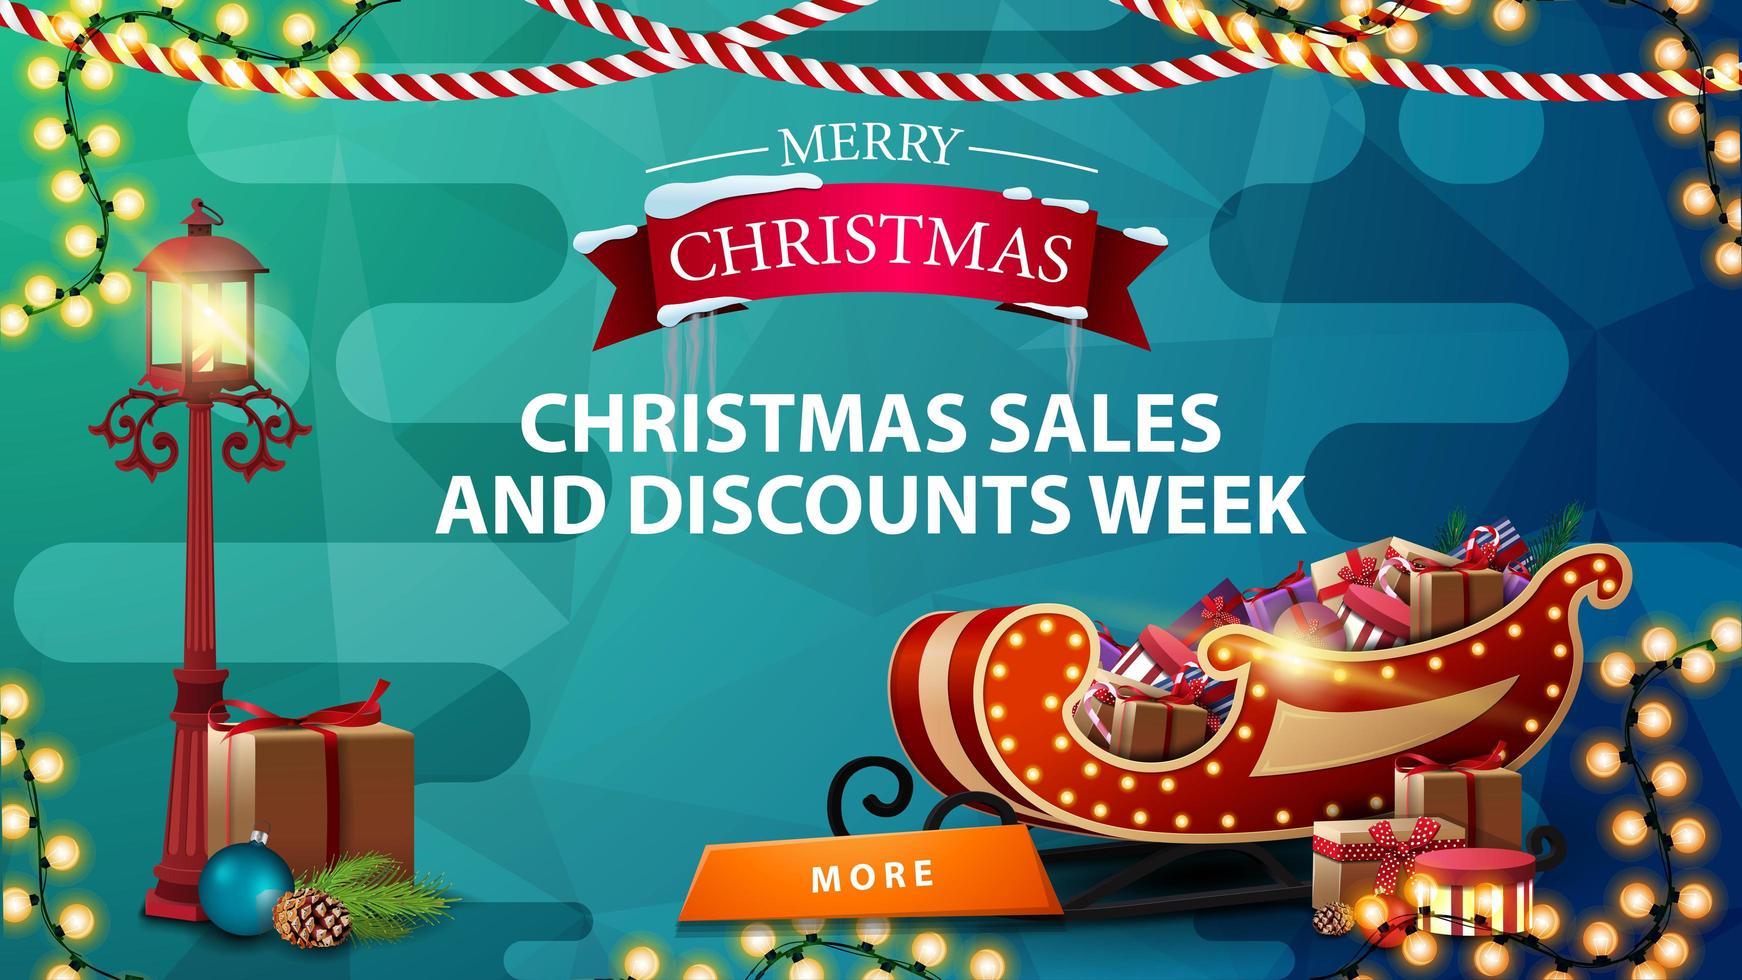 soldes de Noël et semaine de réduction, bannière de réduction bleue avec guirlandes, lanterne de poteau et traîneau du père Noël avec des cadeaux vecteur